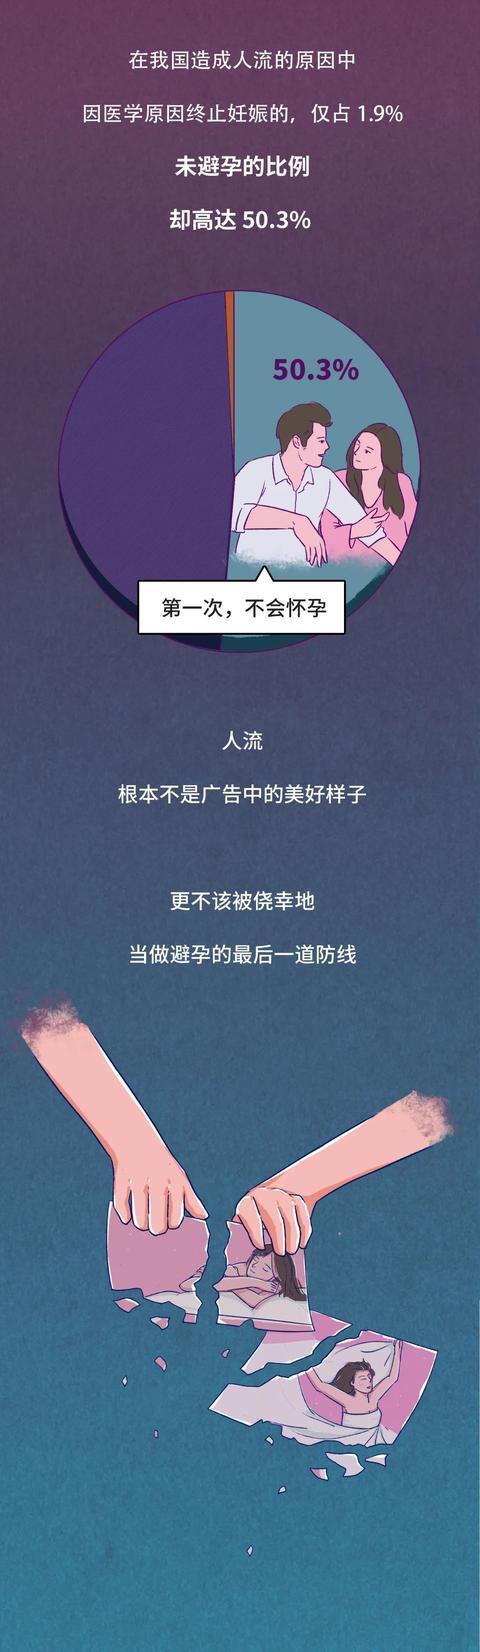 """人工少女3安装出错:河南大学通报""""错换人生28年""""事件:存在床位号错误等问题"""